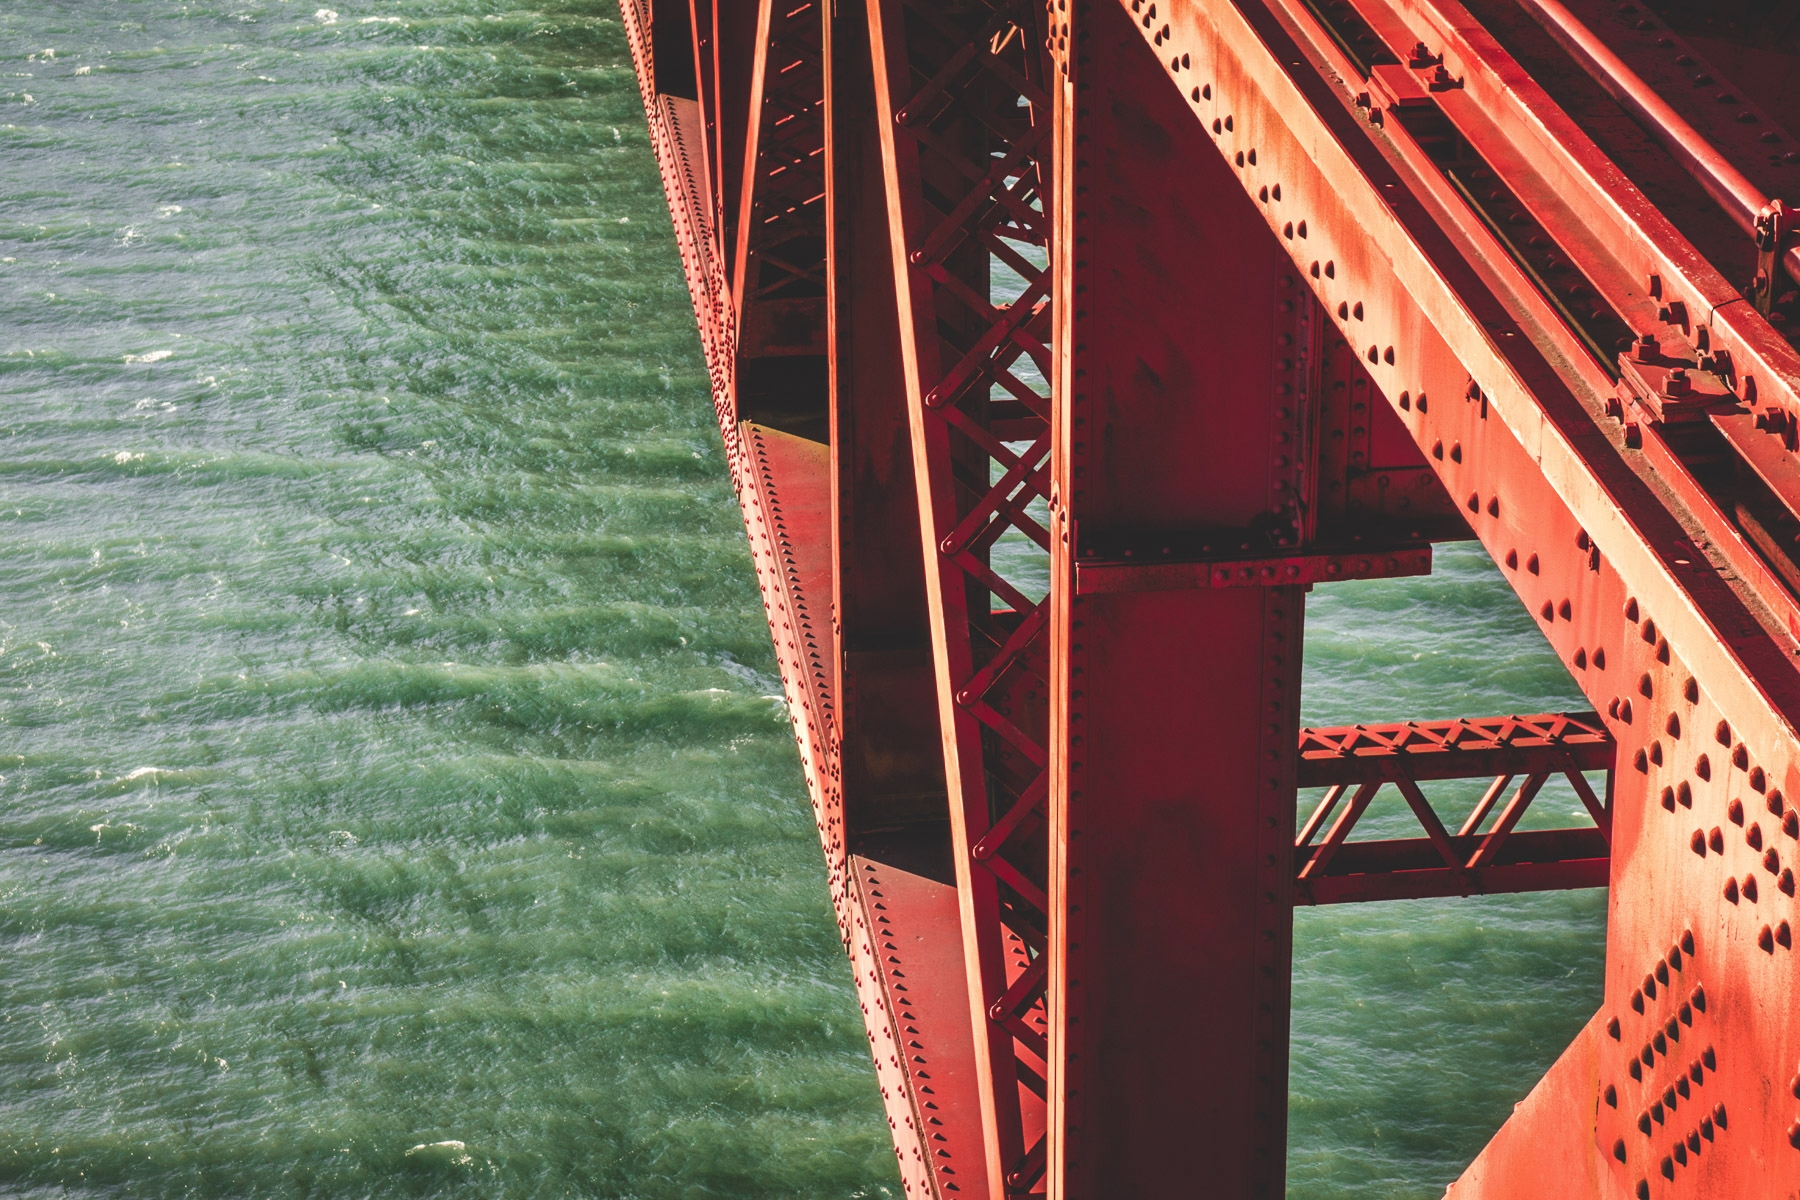 Orange Girders support structur - mattgharvey | ello